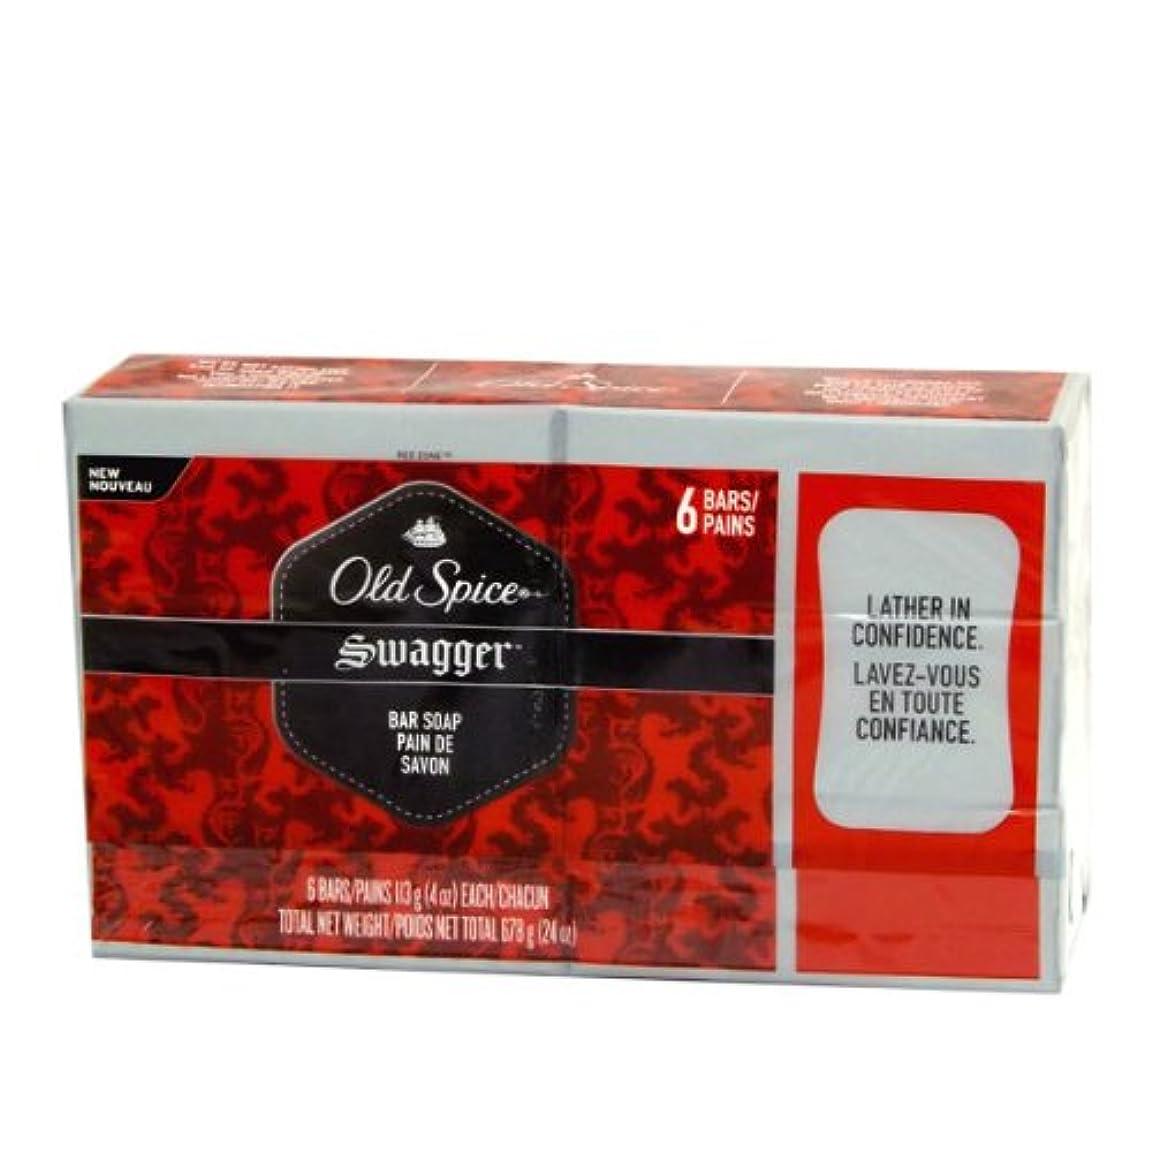 眠る不運三十Old spice bar soap swagger オールドスパイス バーソープ スワガー (石鹸) 6個パック [並行輸入品]